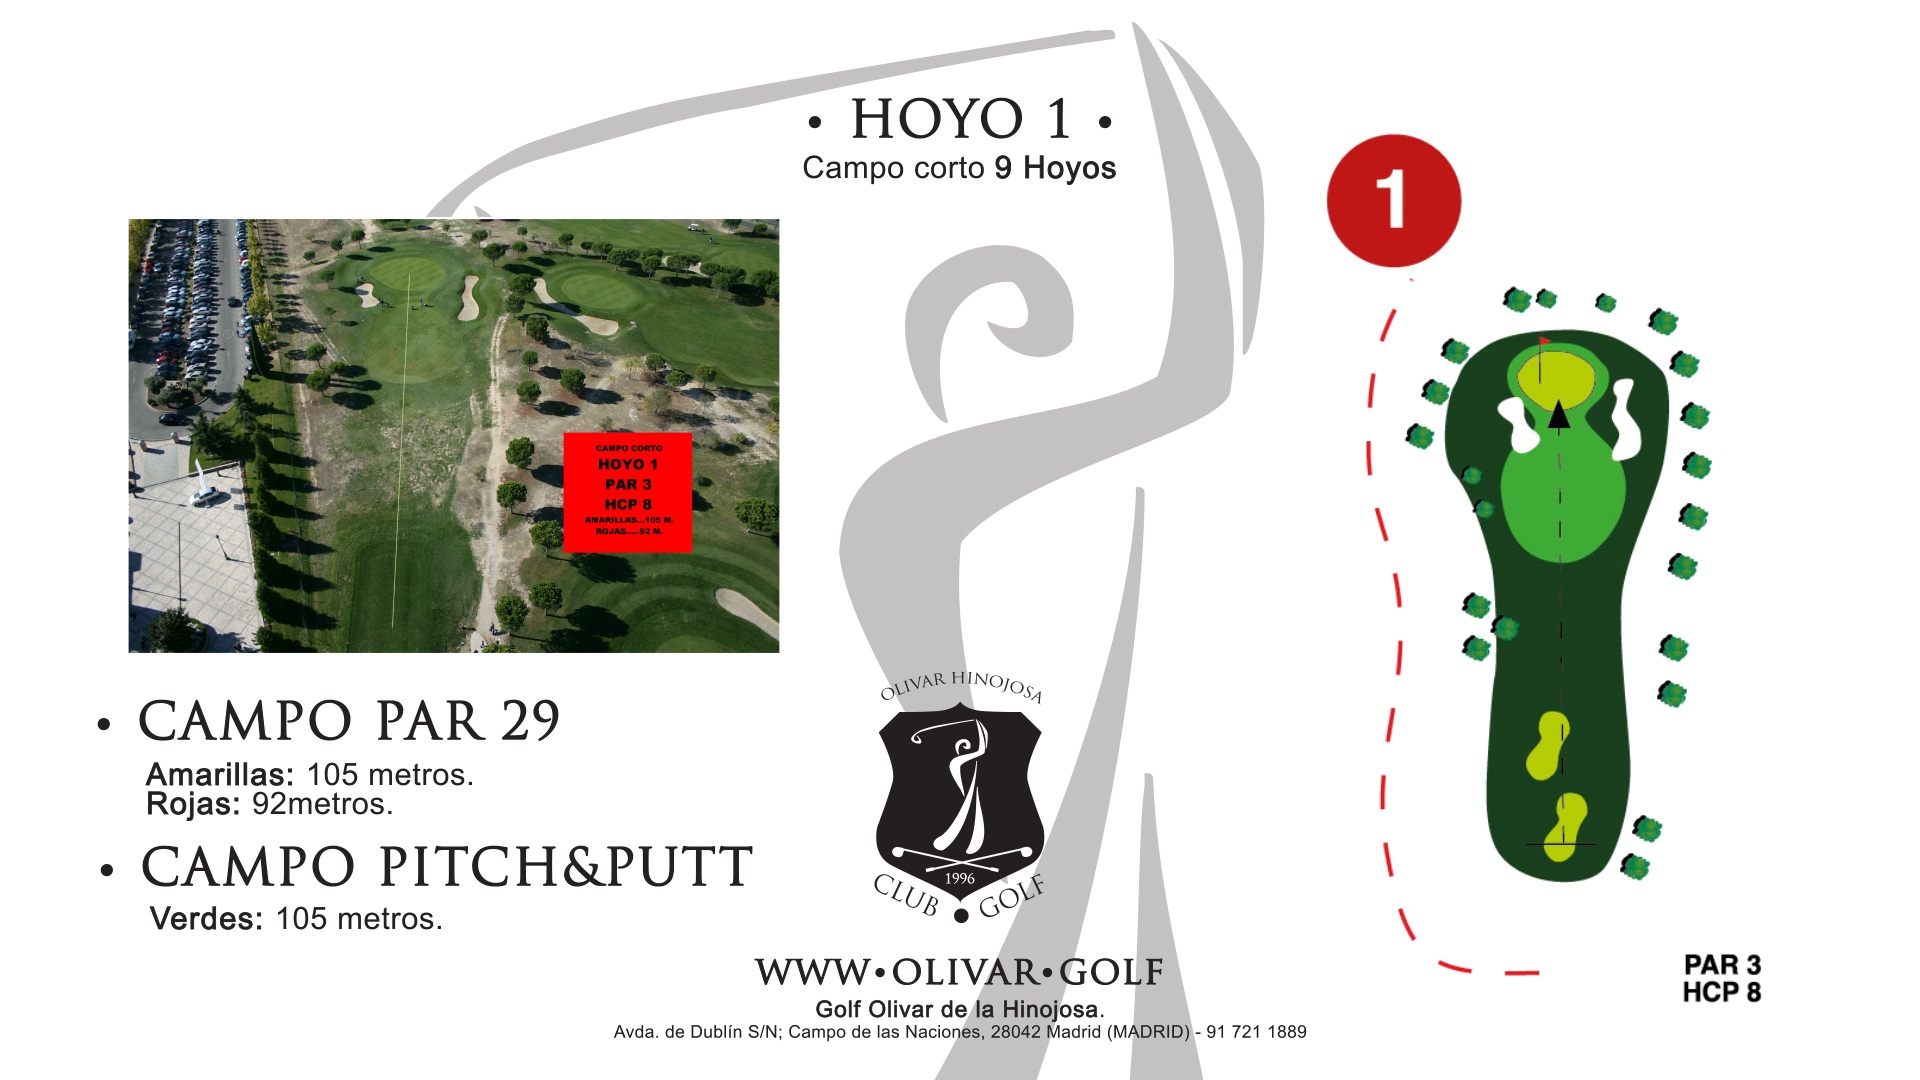 Hoyo 1 Olivar de la Hinojosa